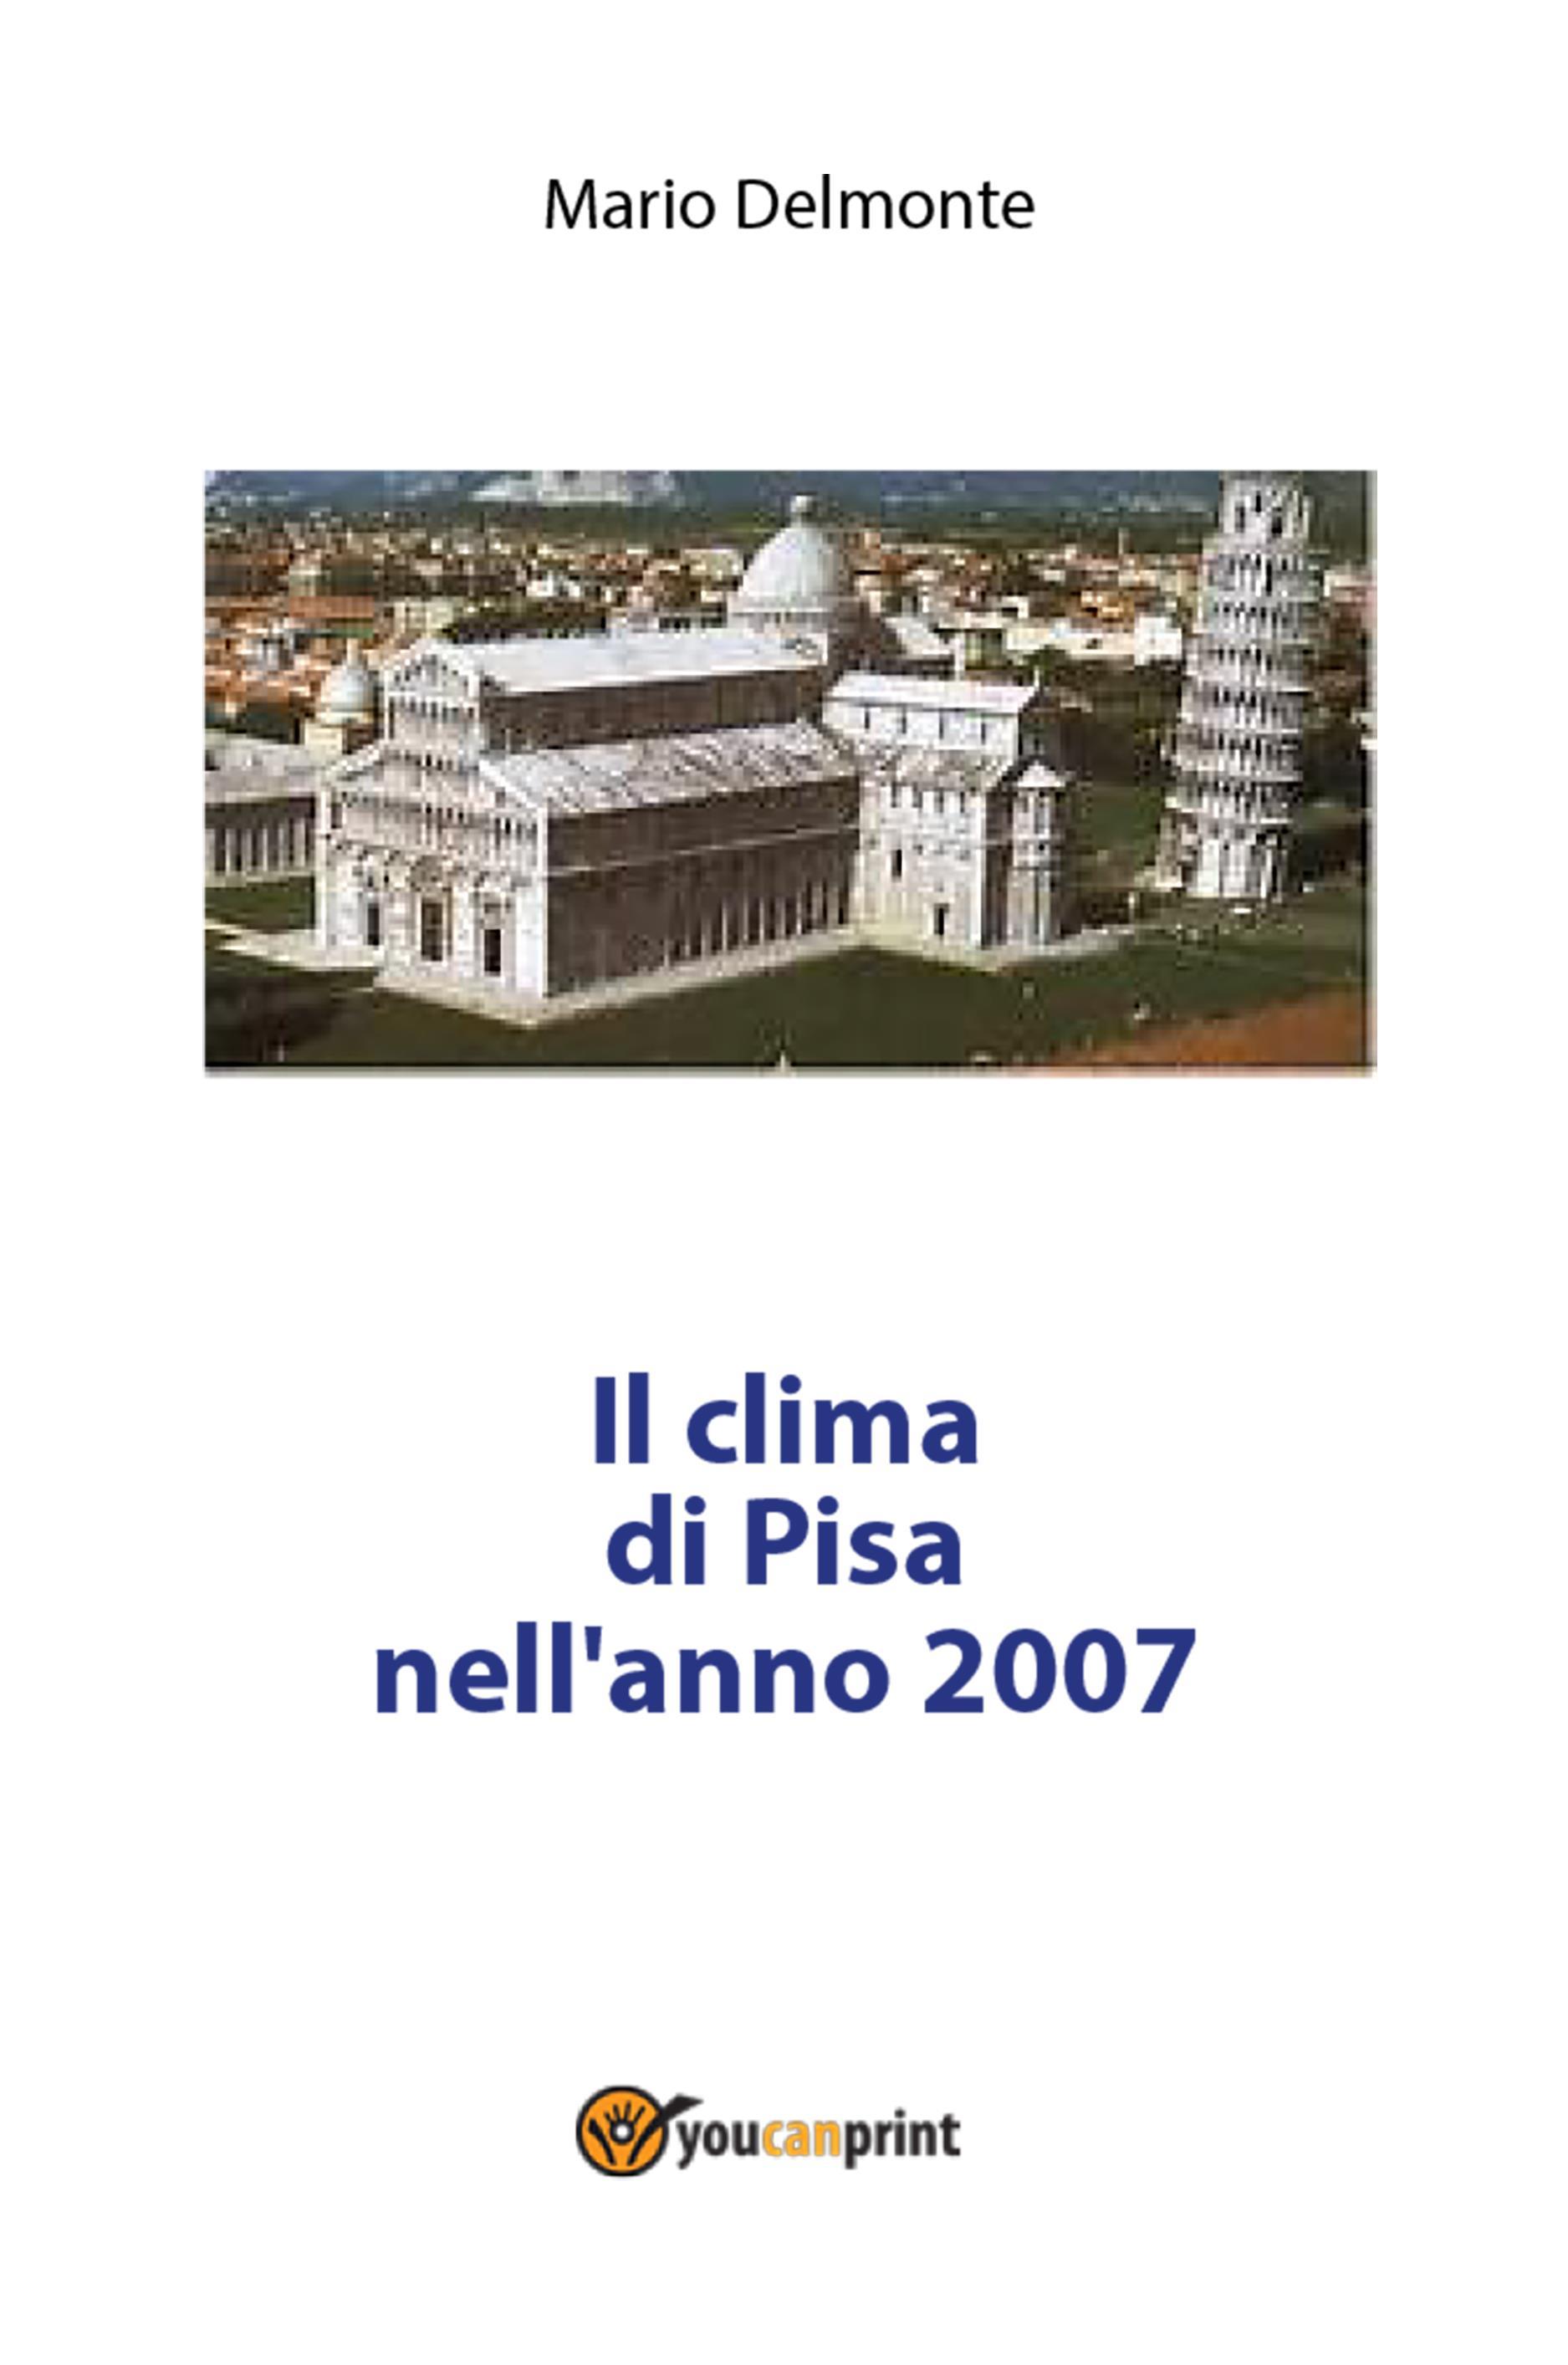 Il clima di Pisa nell'anno 2007